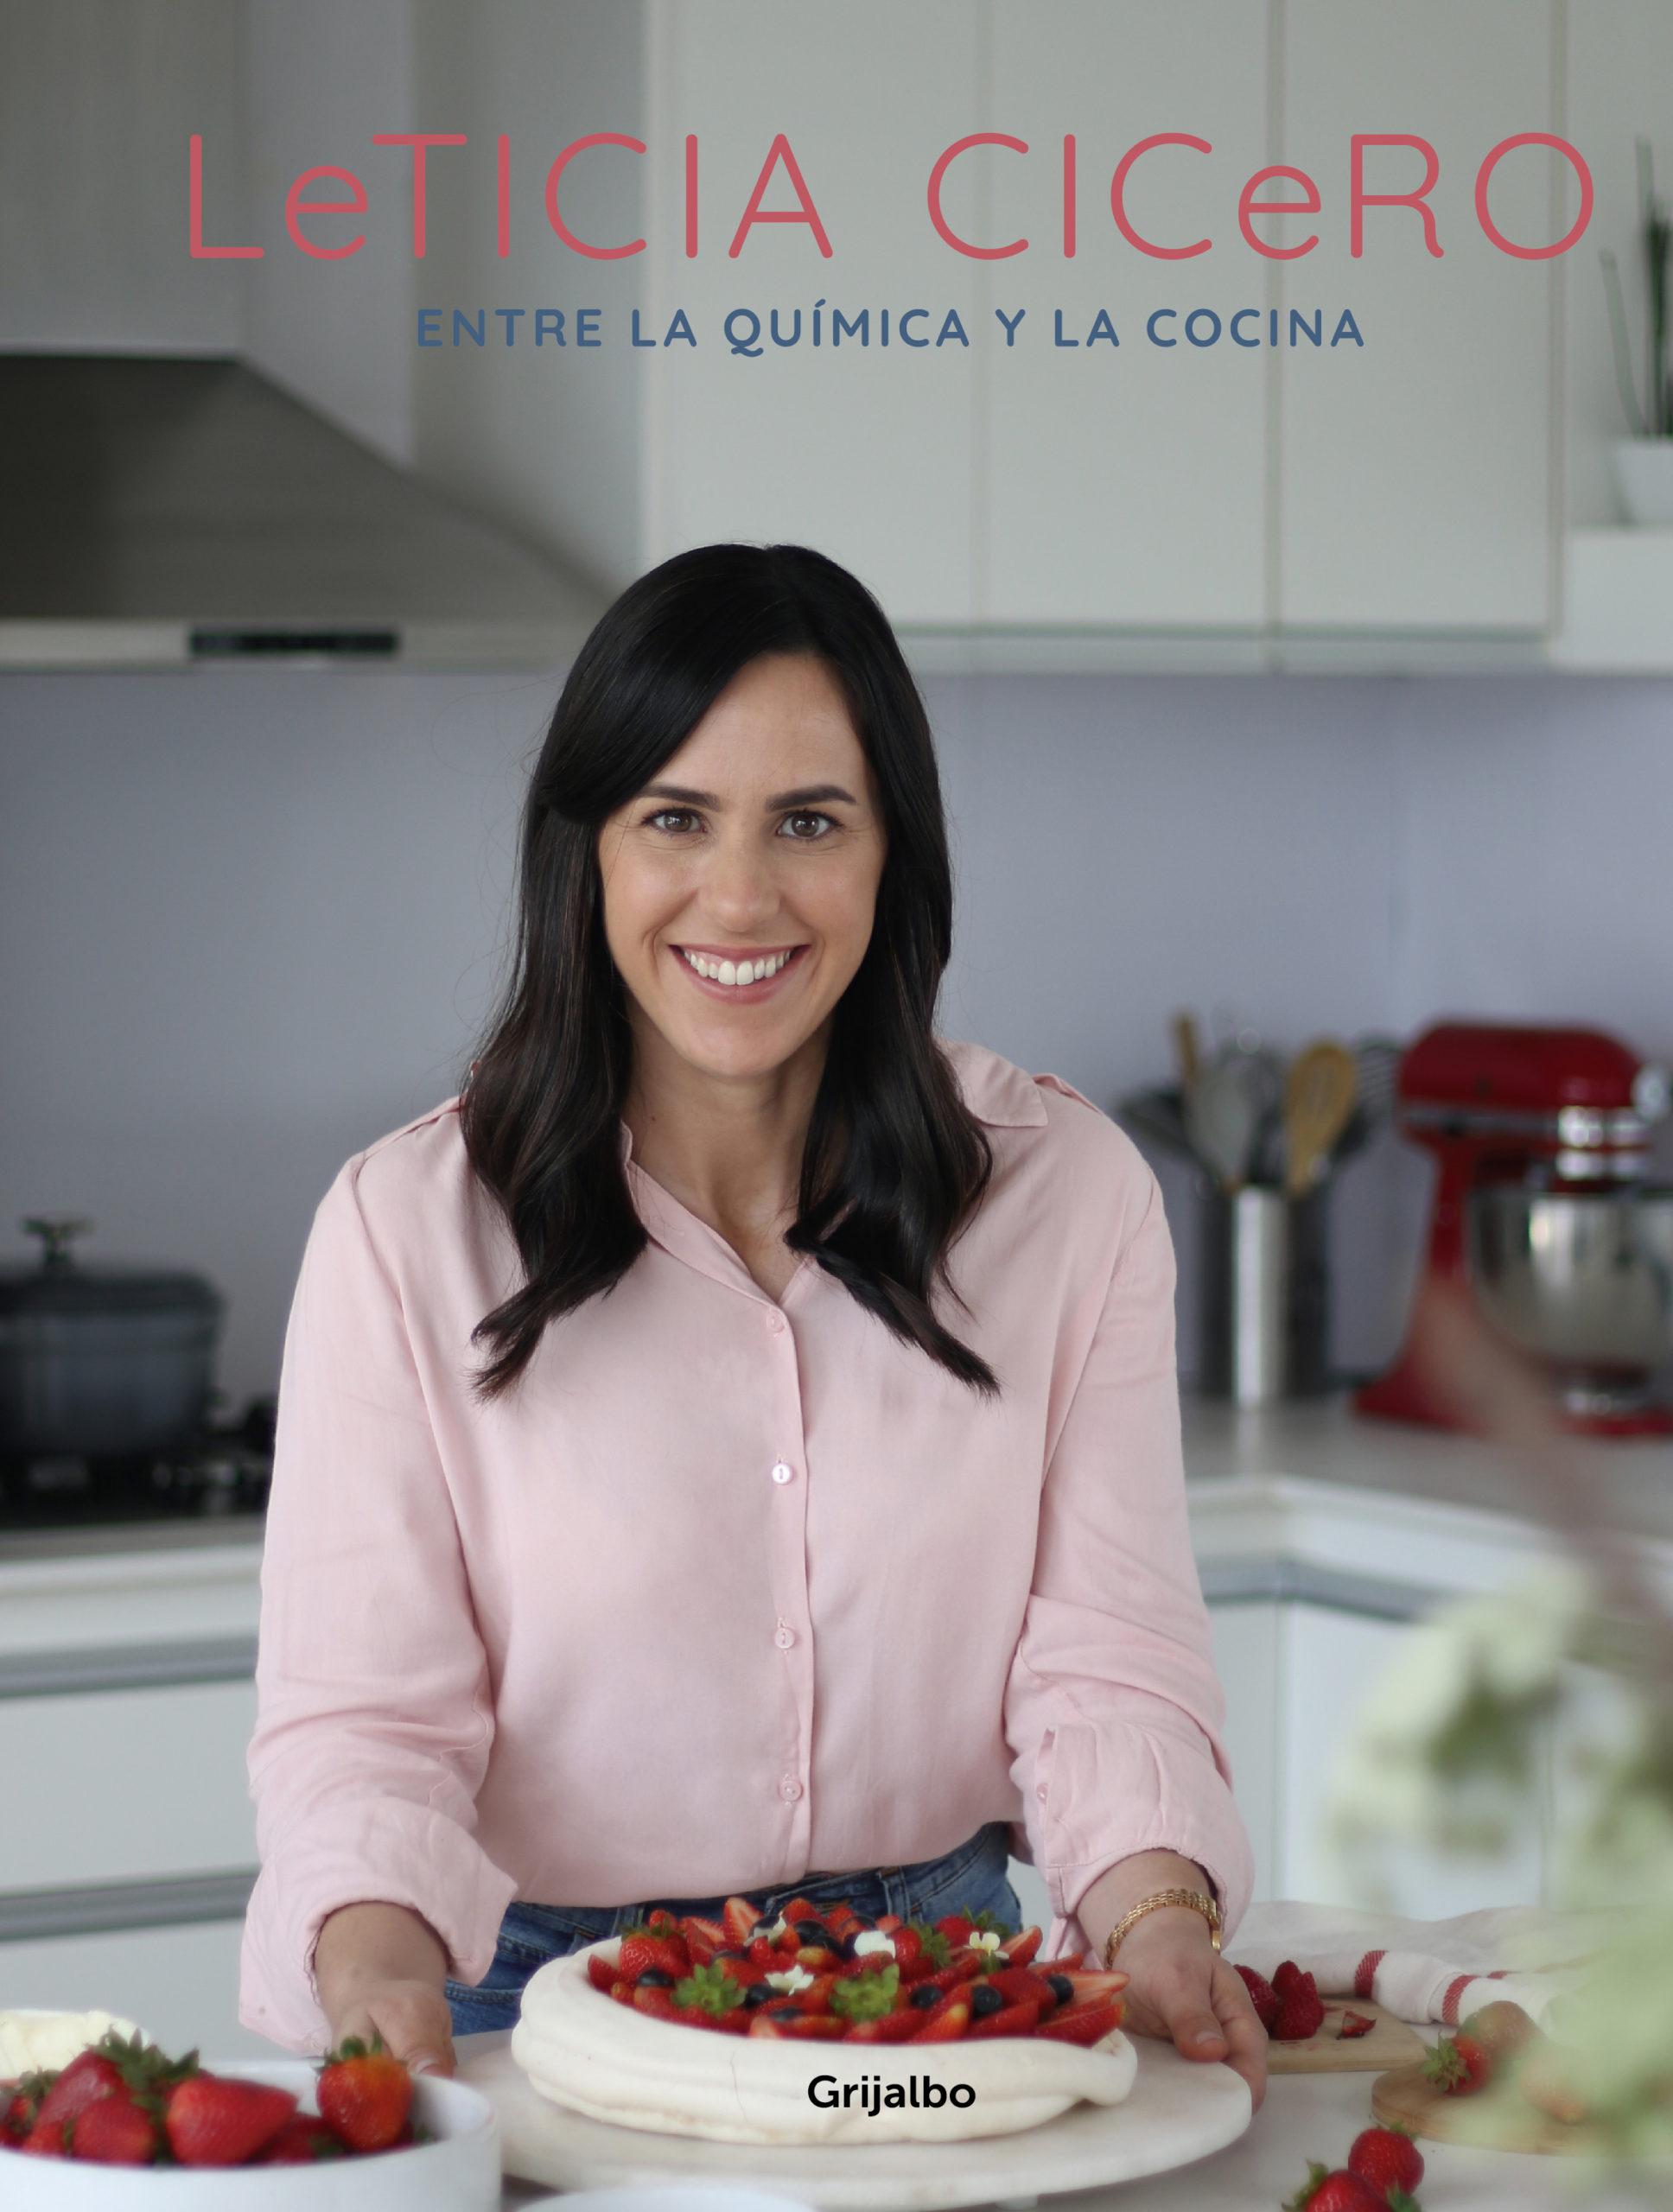 Leticia Cicero: Entre la Química y la Cocina- Leticia Cicero